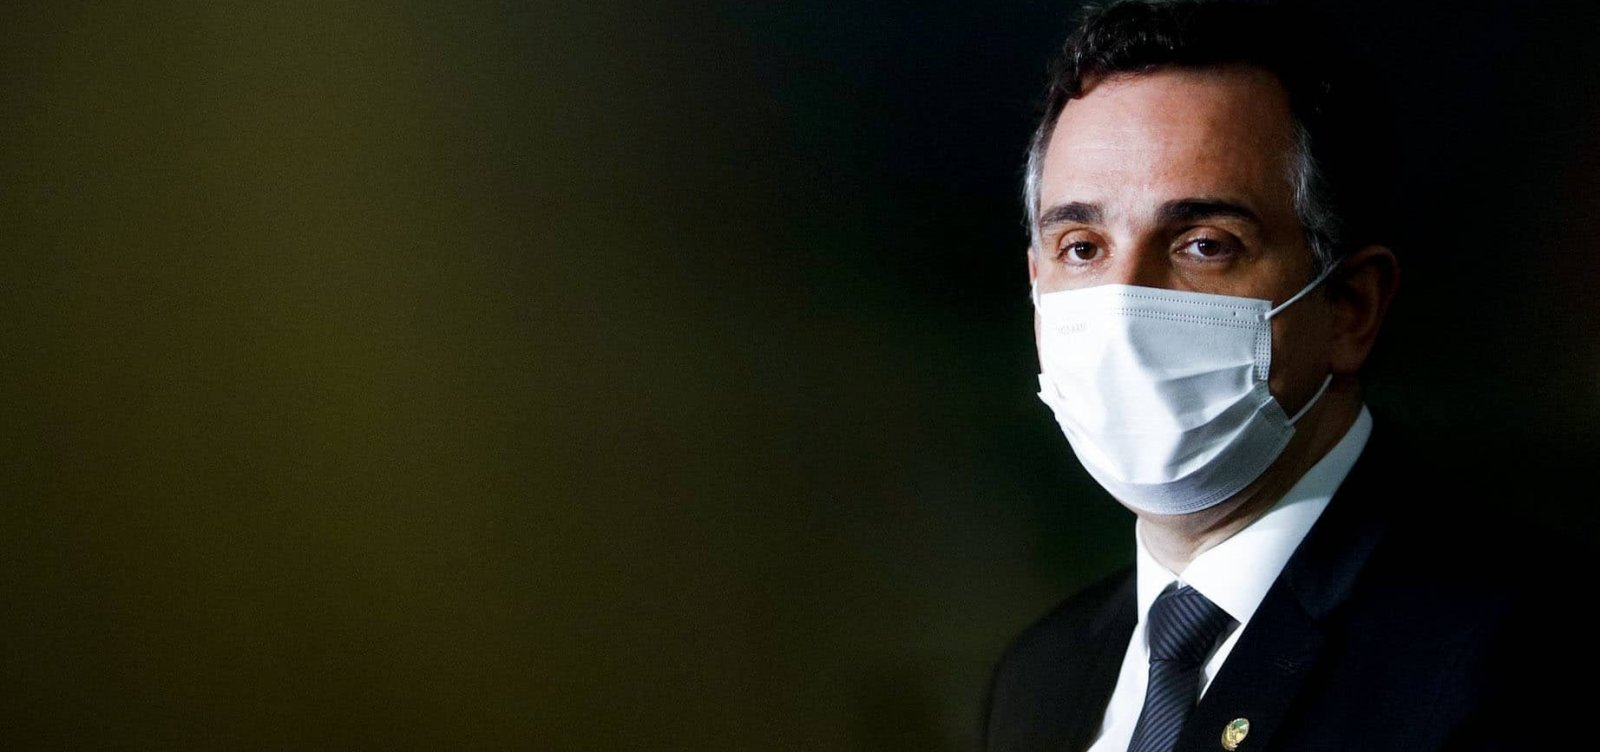 Senado cria CPI da Pandemia e inclui apuração a estados e municípios